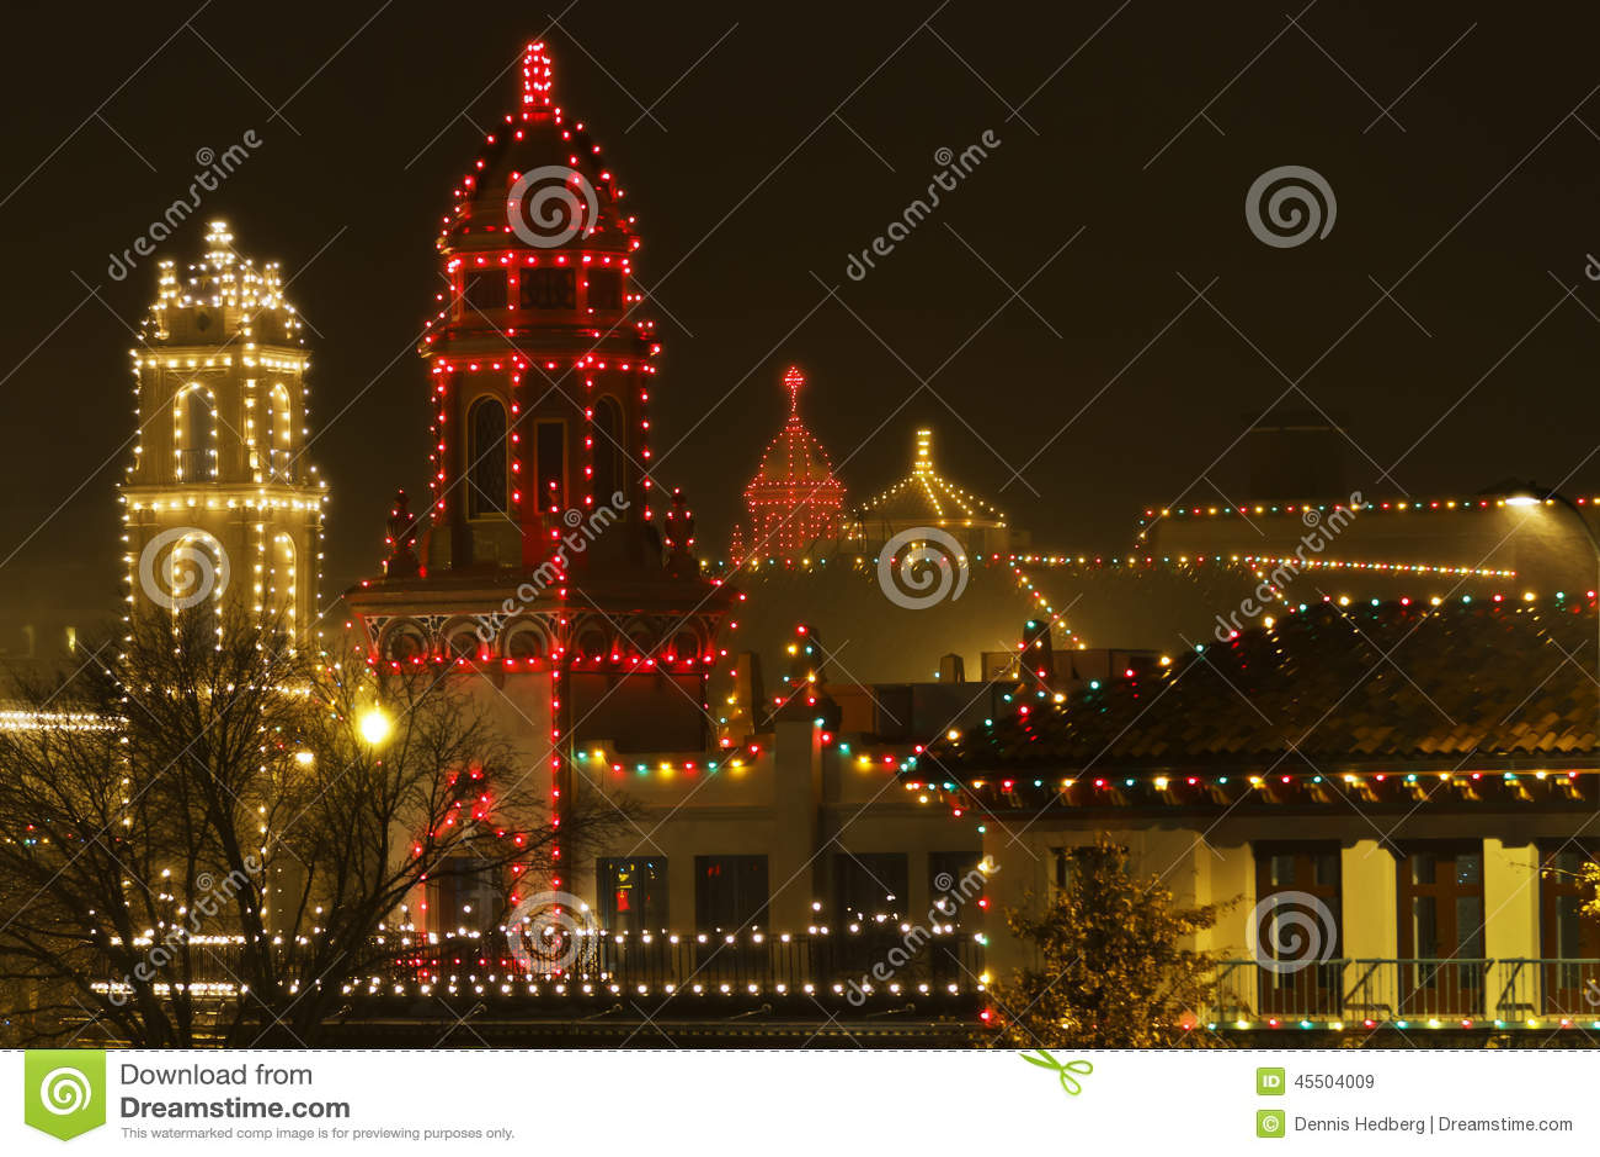 Christmas Lights On The Plaza On A Rainy Night Stock Image - Image ...